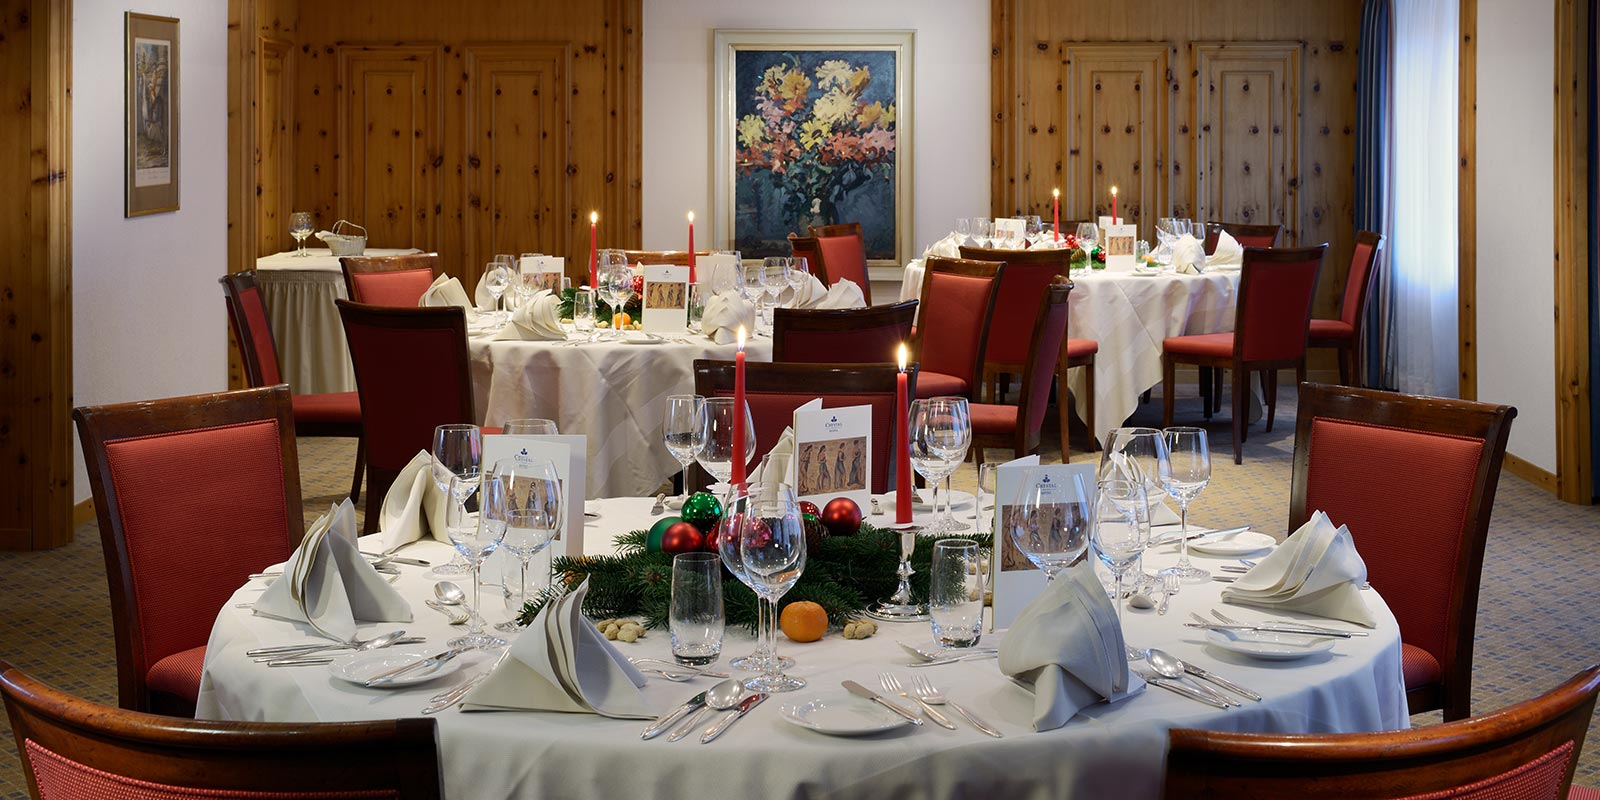 スイス・ サンモリッツでおすすめの人気レストラン5選!高級リゾートで絶品を味わいたいアナタへ